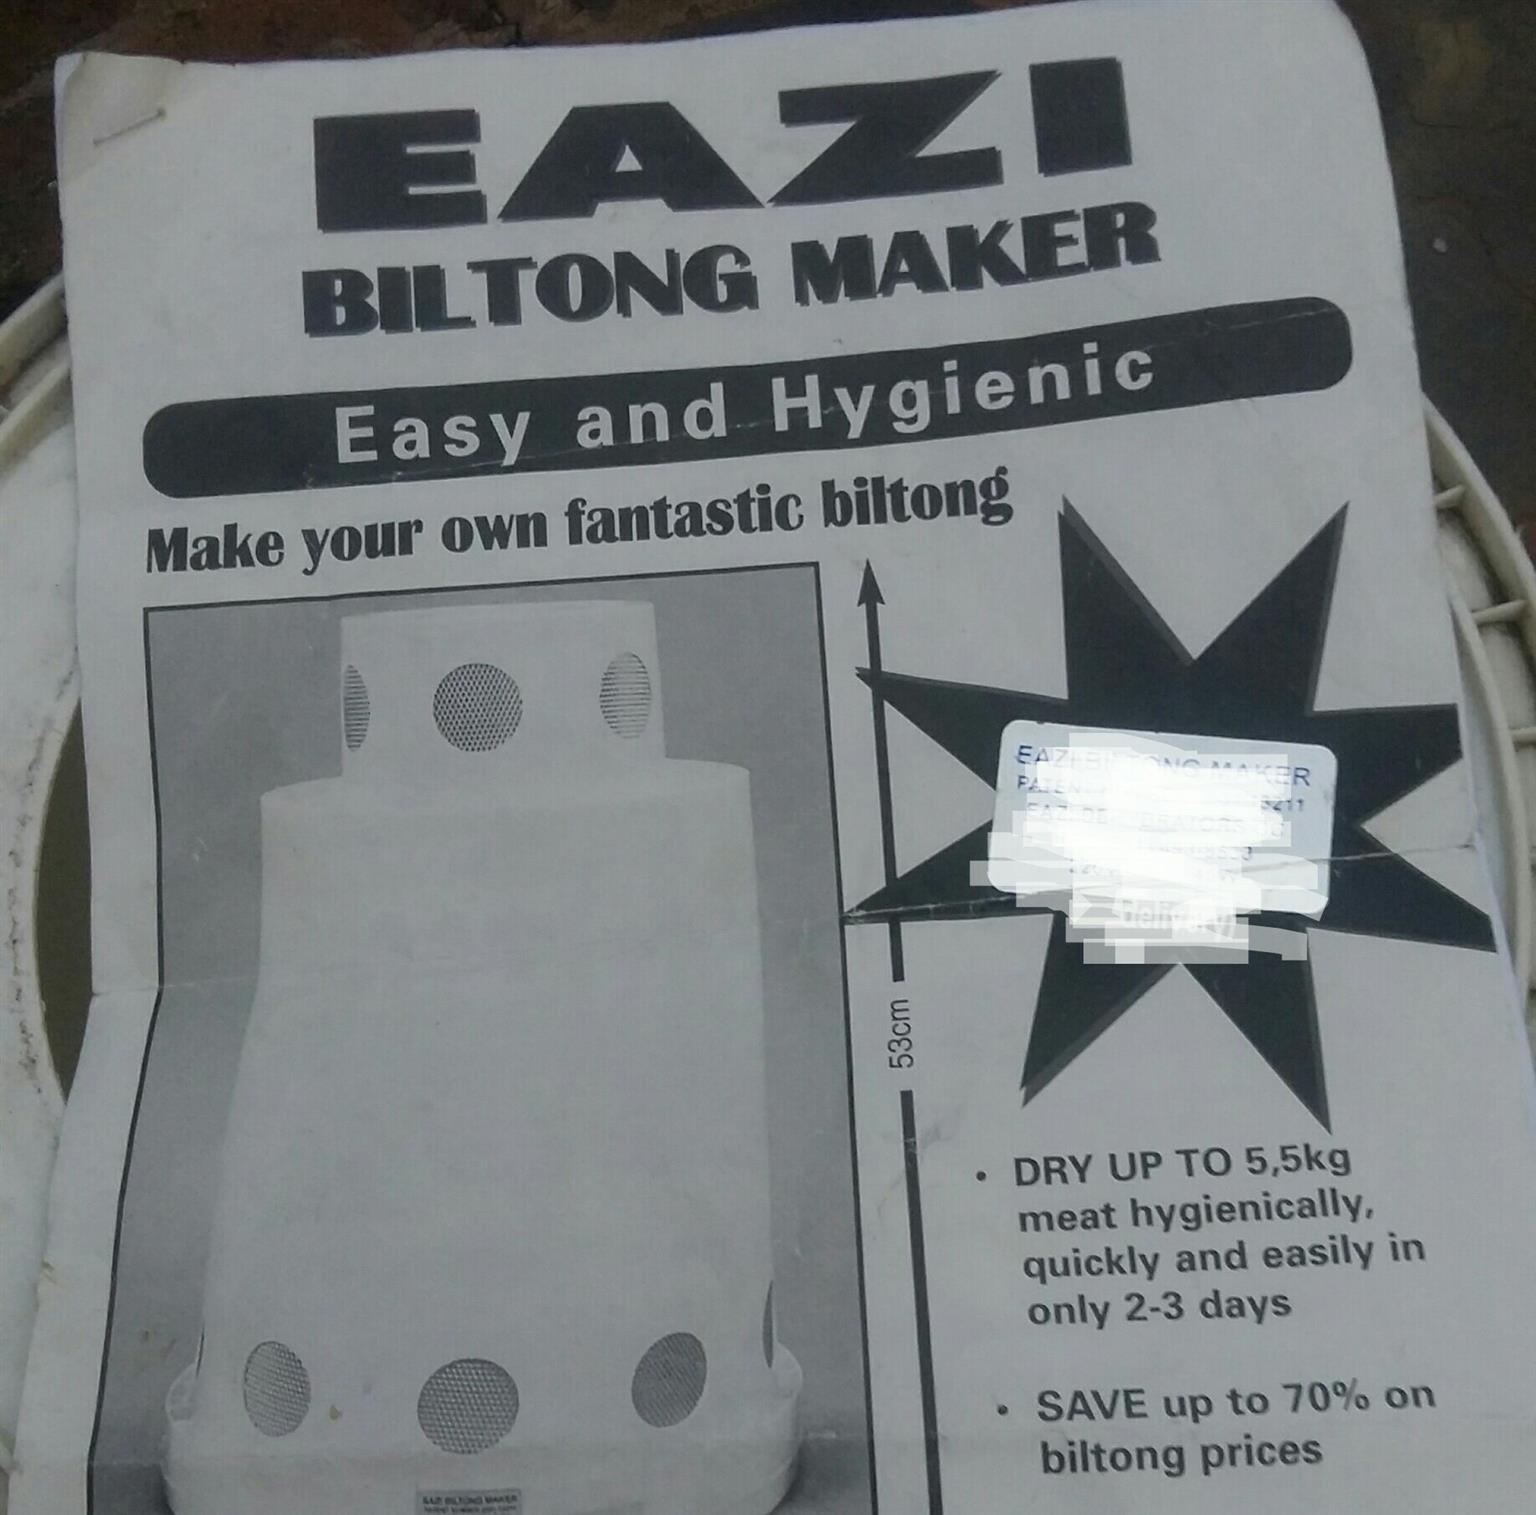 Eazi Biltong Maker R850